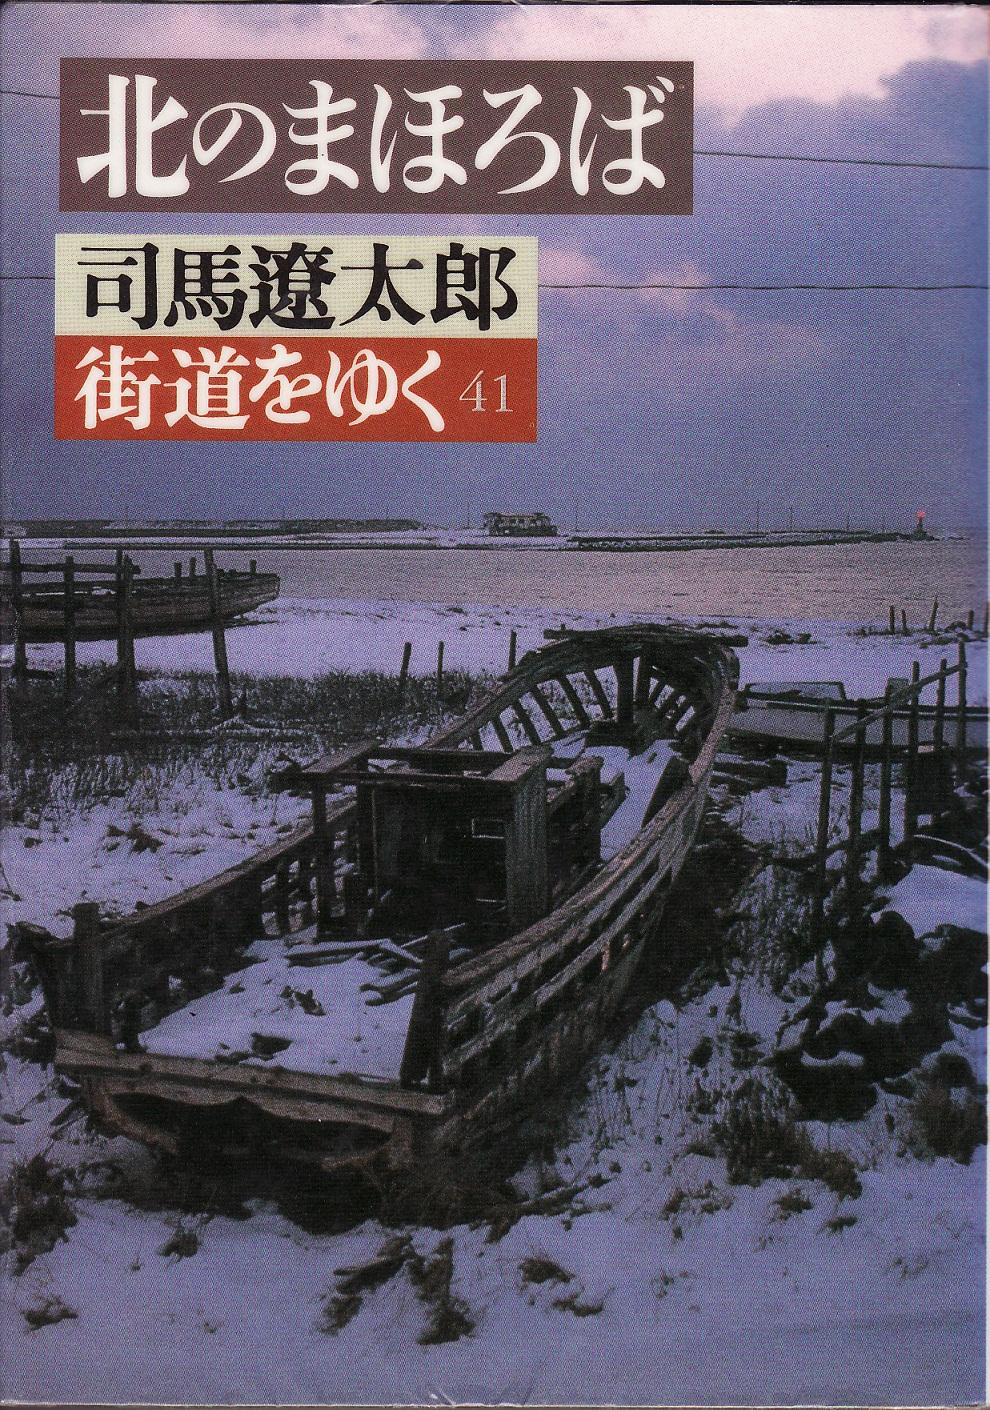 「司馬遼太郎を語る会」(12月例会のご案内)